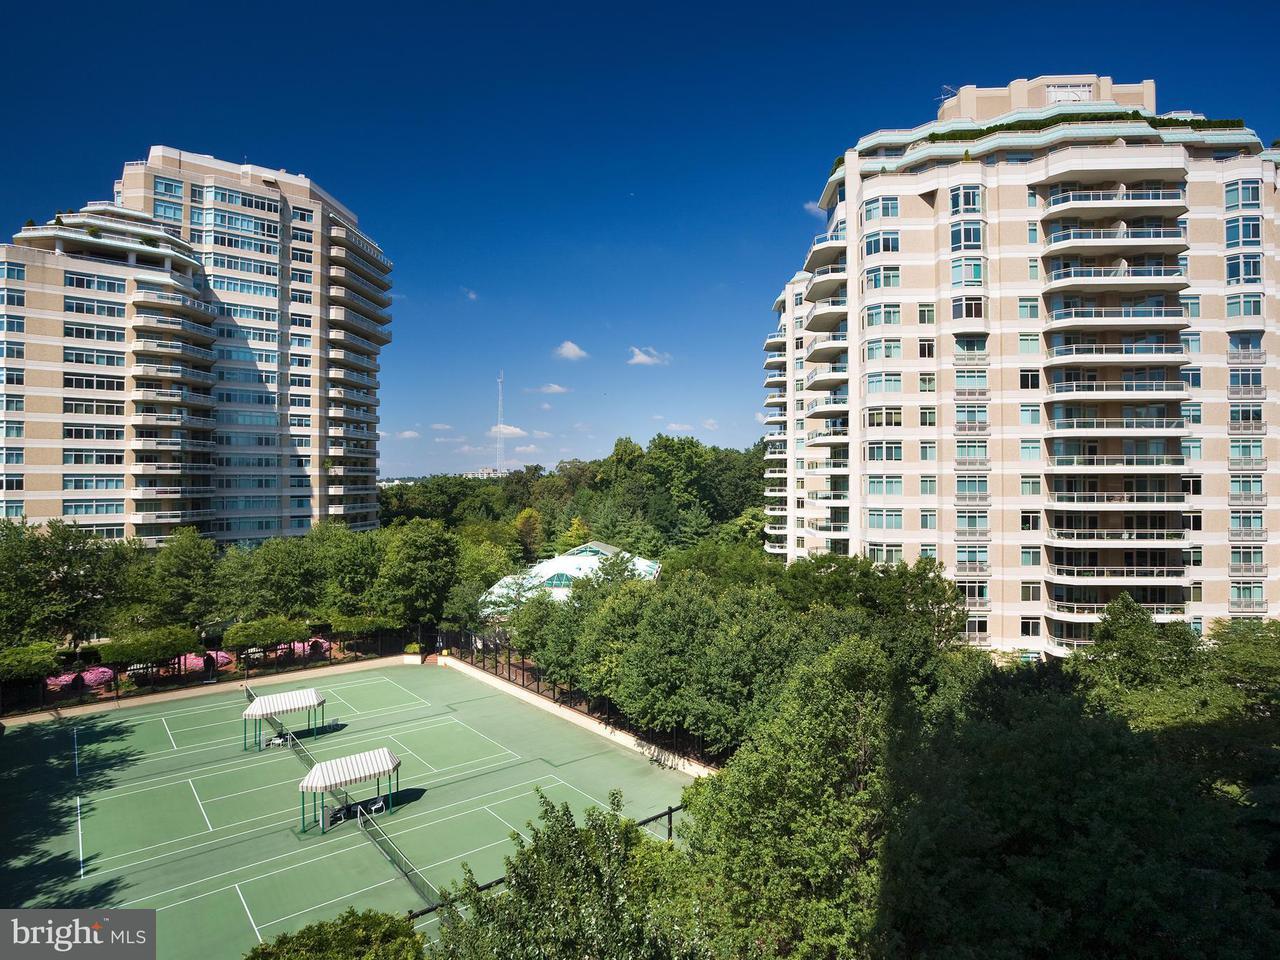 Σπίτι στην πόλη για την Πώληση στο 5610 WISCONSIN AVE #1003 5610 WISCONSIN AVE #1003 Chevy Chase, Μεριλαντ 20815 Ηνωμενεσ Πολιτειεσ